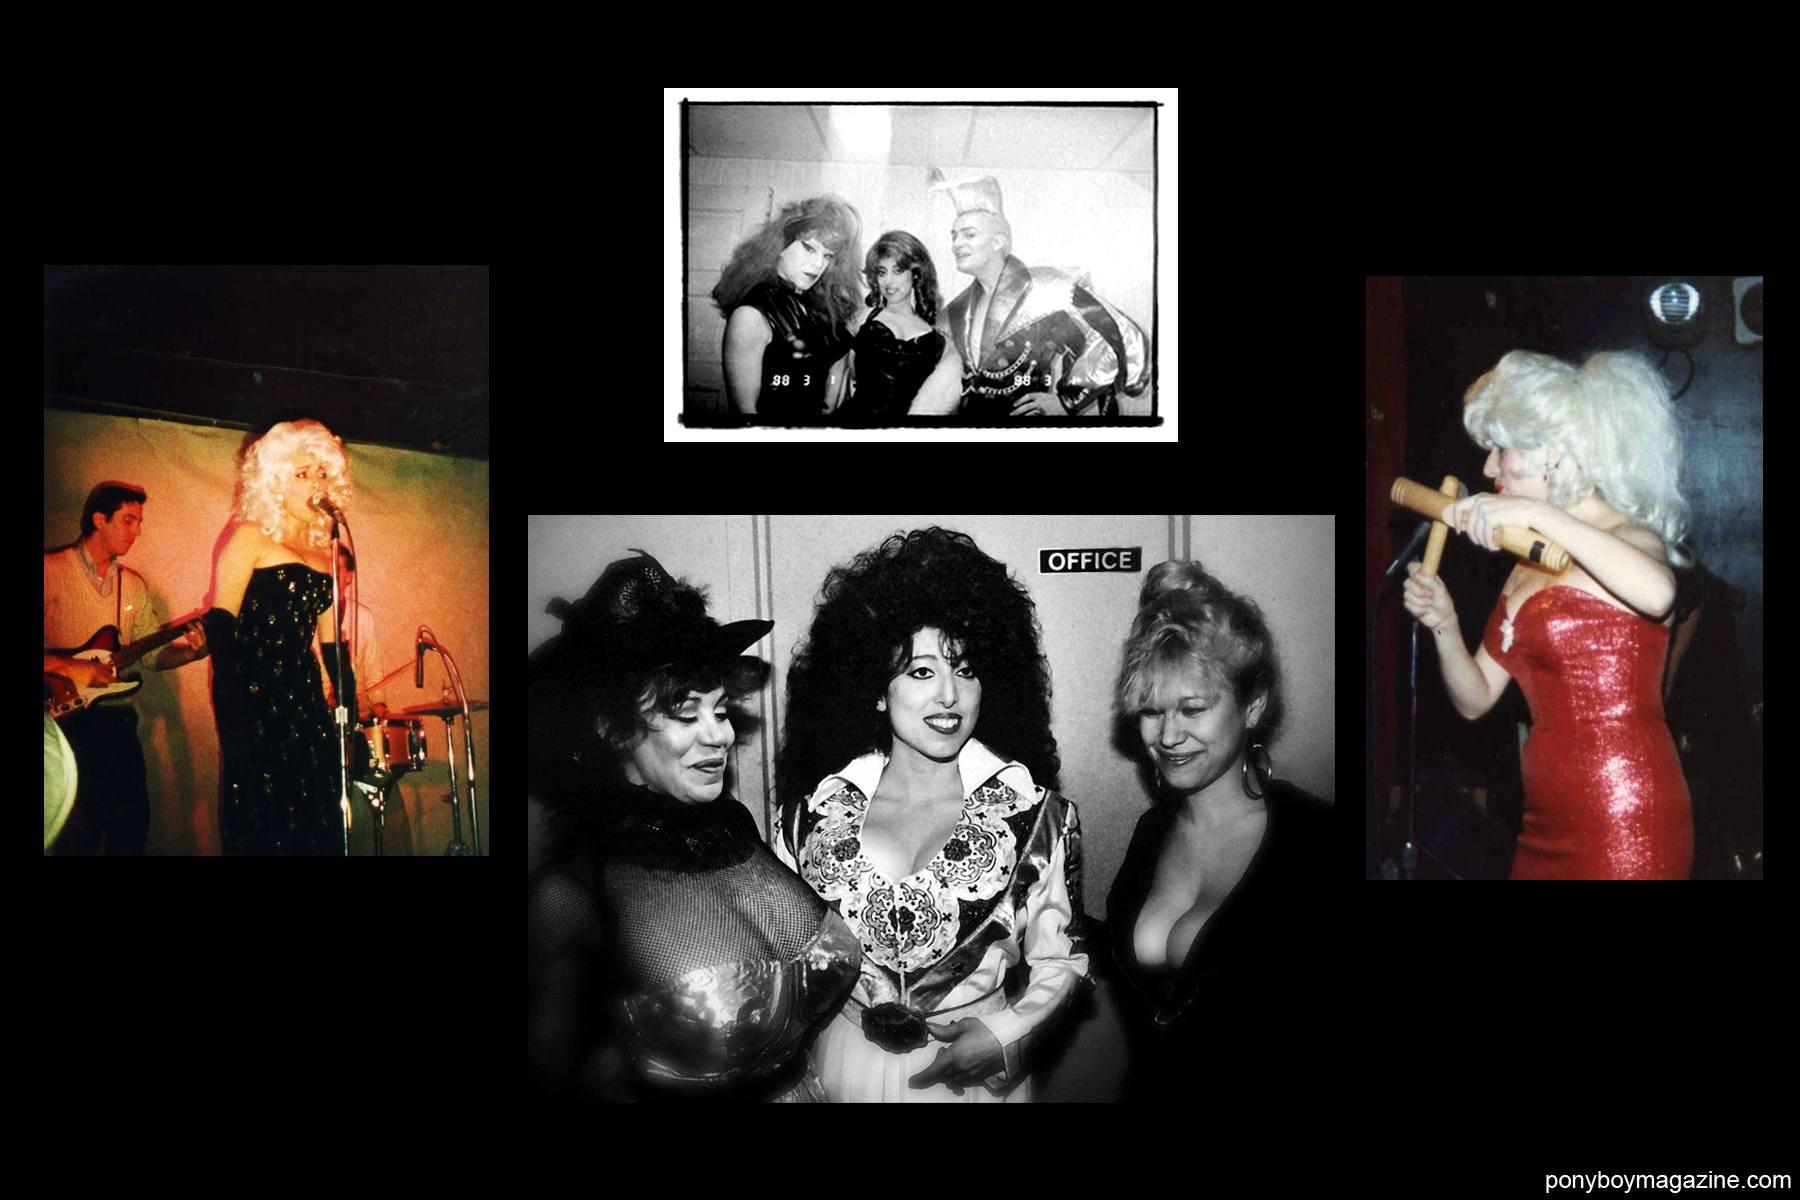 Vintage 80's snapshots of designer Katy K for Ponyboy Magazine.